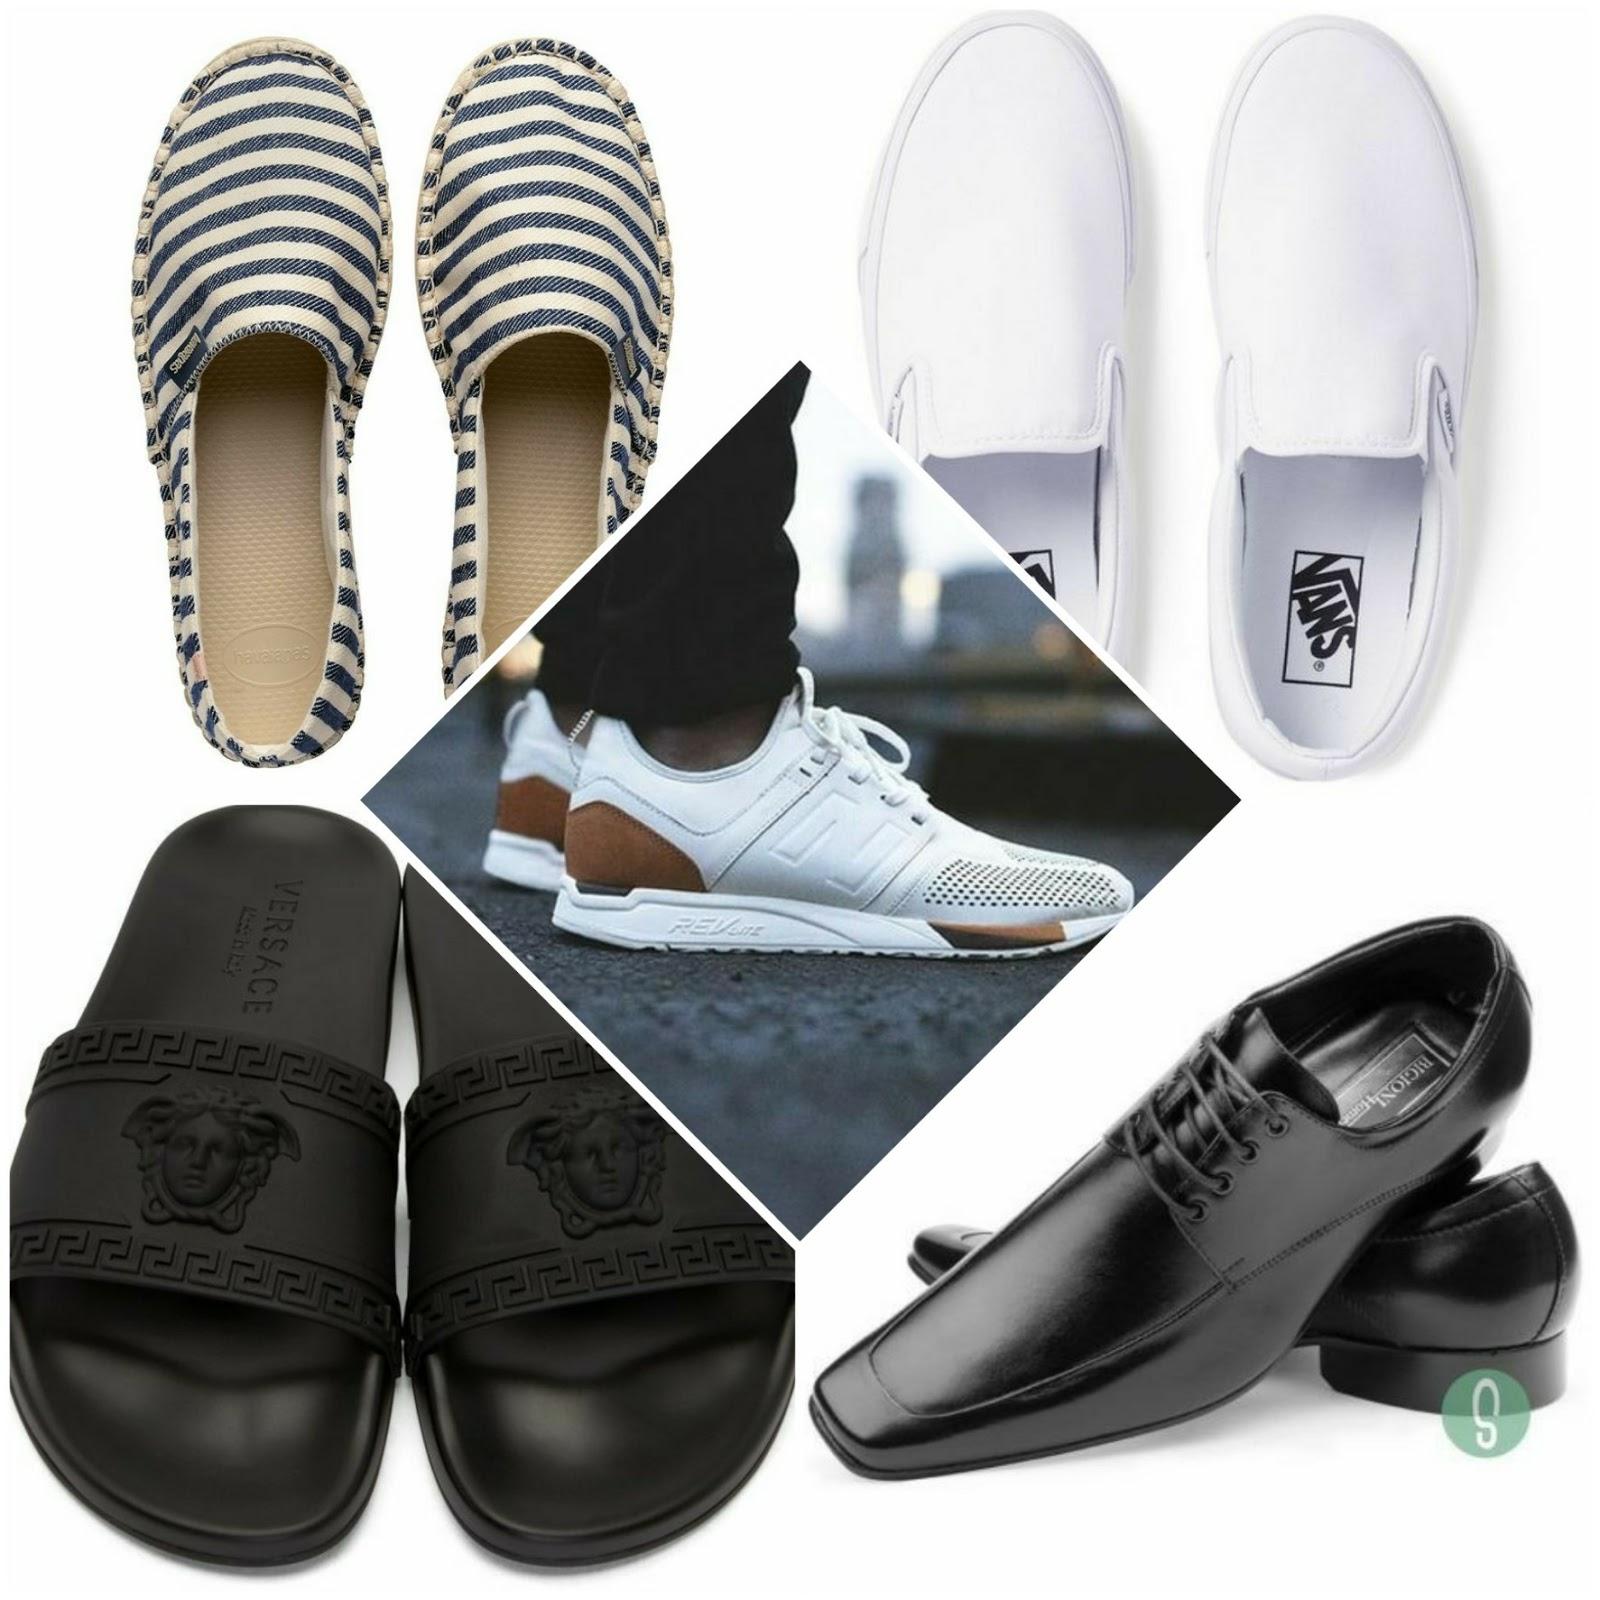 eb12c7f57 Os 5 Sapatos Tendência no Verão 2018 - Carlos Medeiros - Moda Masculina